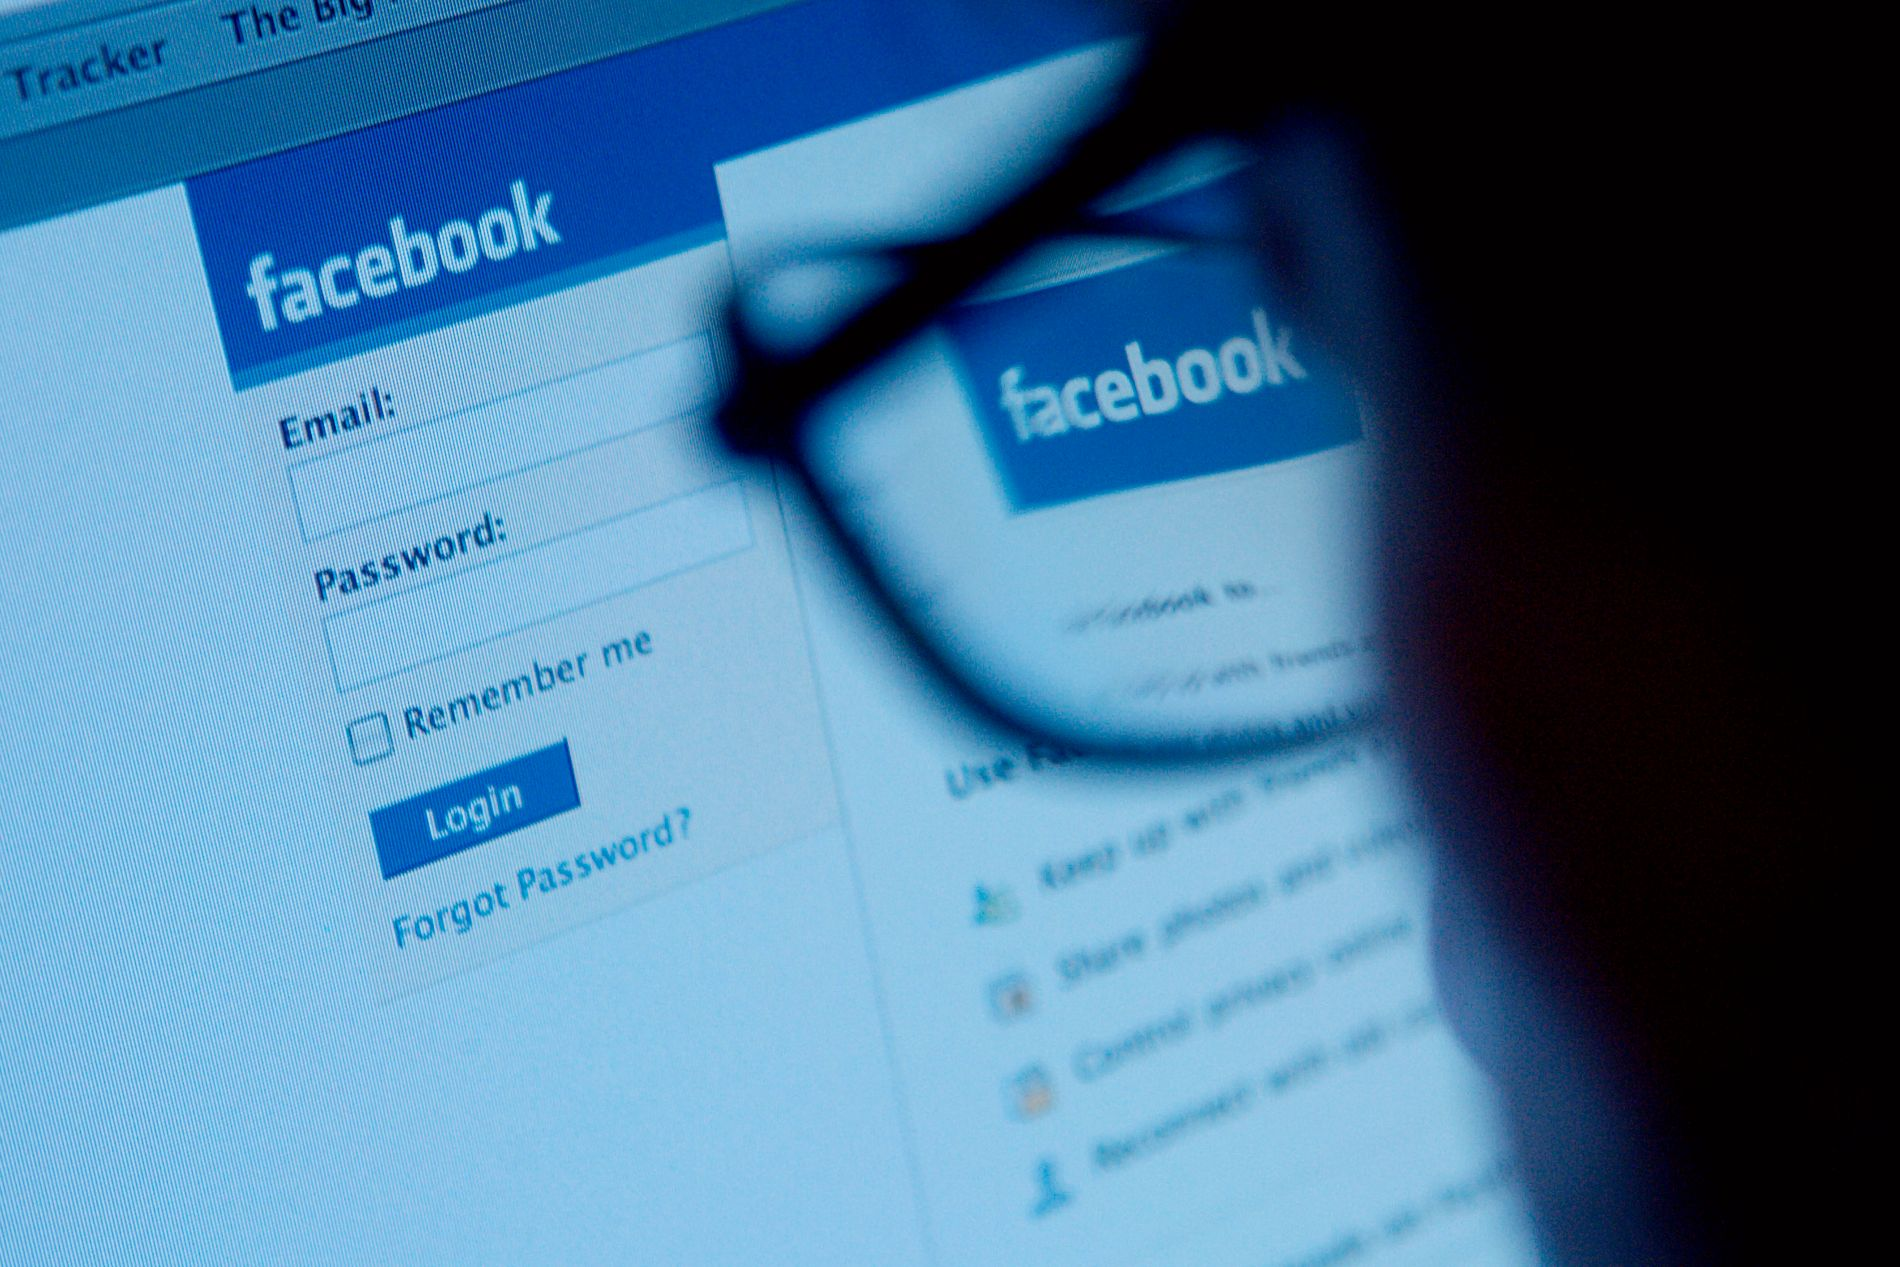 SOSIALE MEDIER: Hevnporno er et samfunnsproblem som øker i takt med sosiale medier, som Facebook